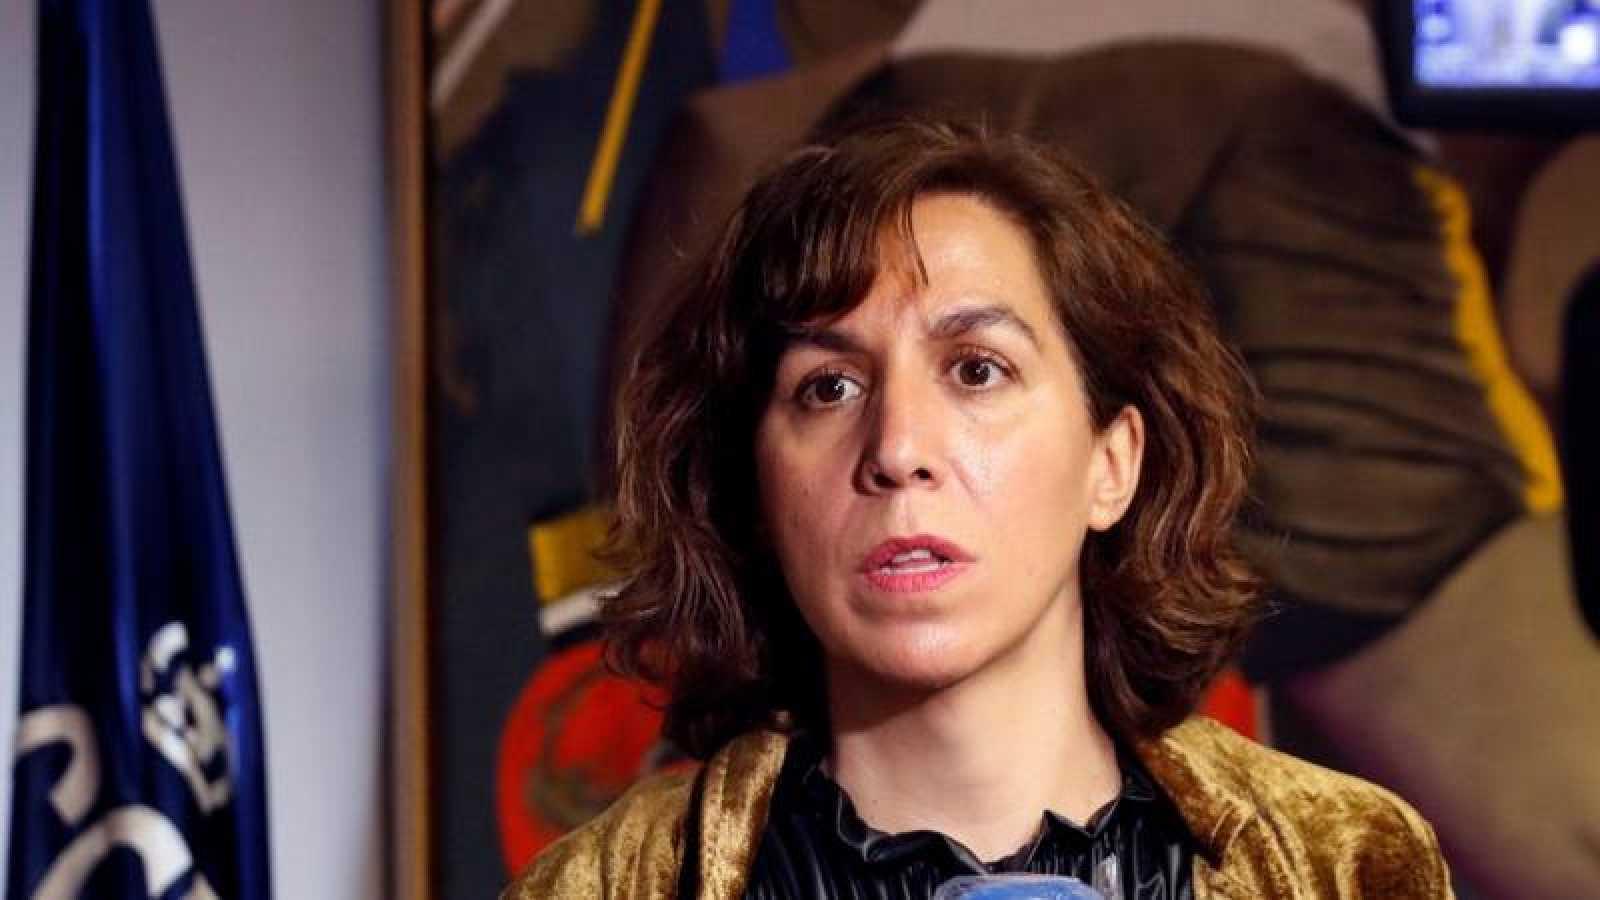 La presidenta del CSD, Irene Lozano tras reunirse con Luis Rubiales y Javier Tebas.